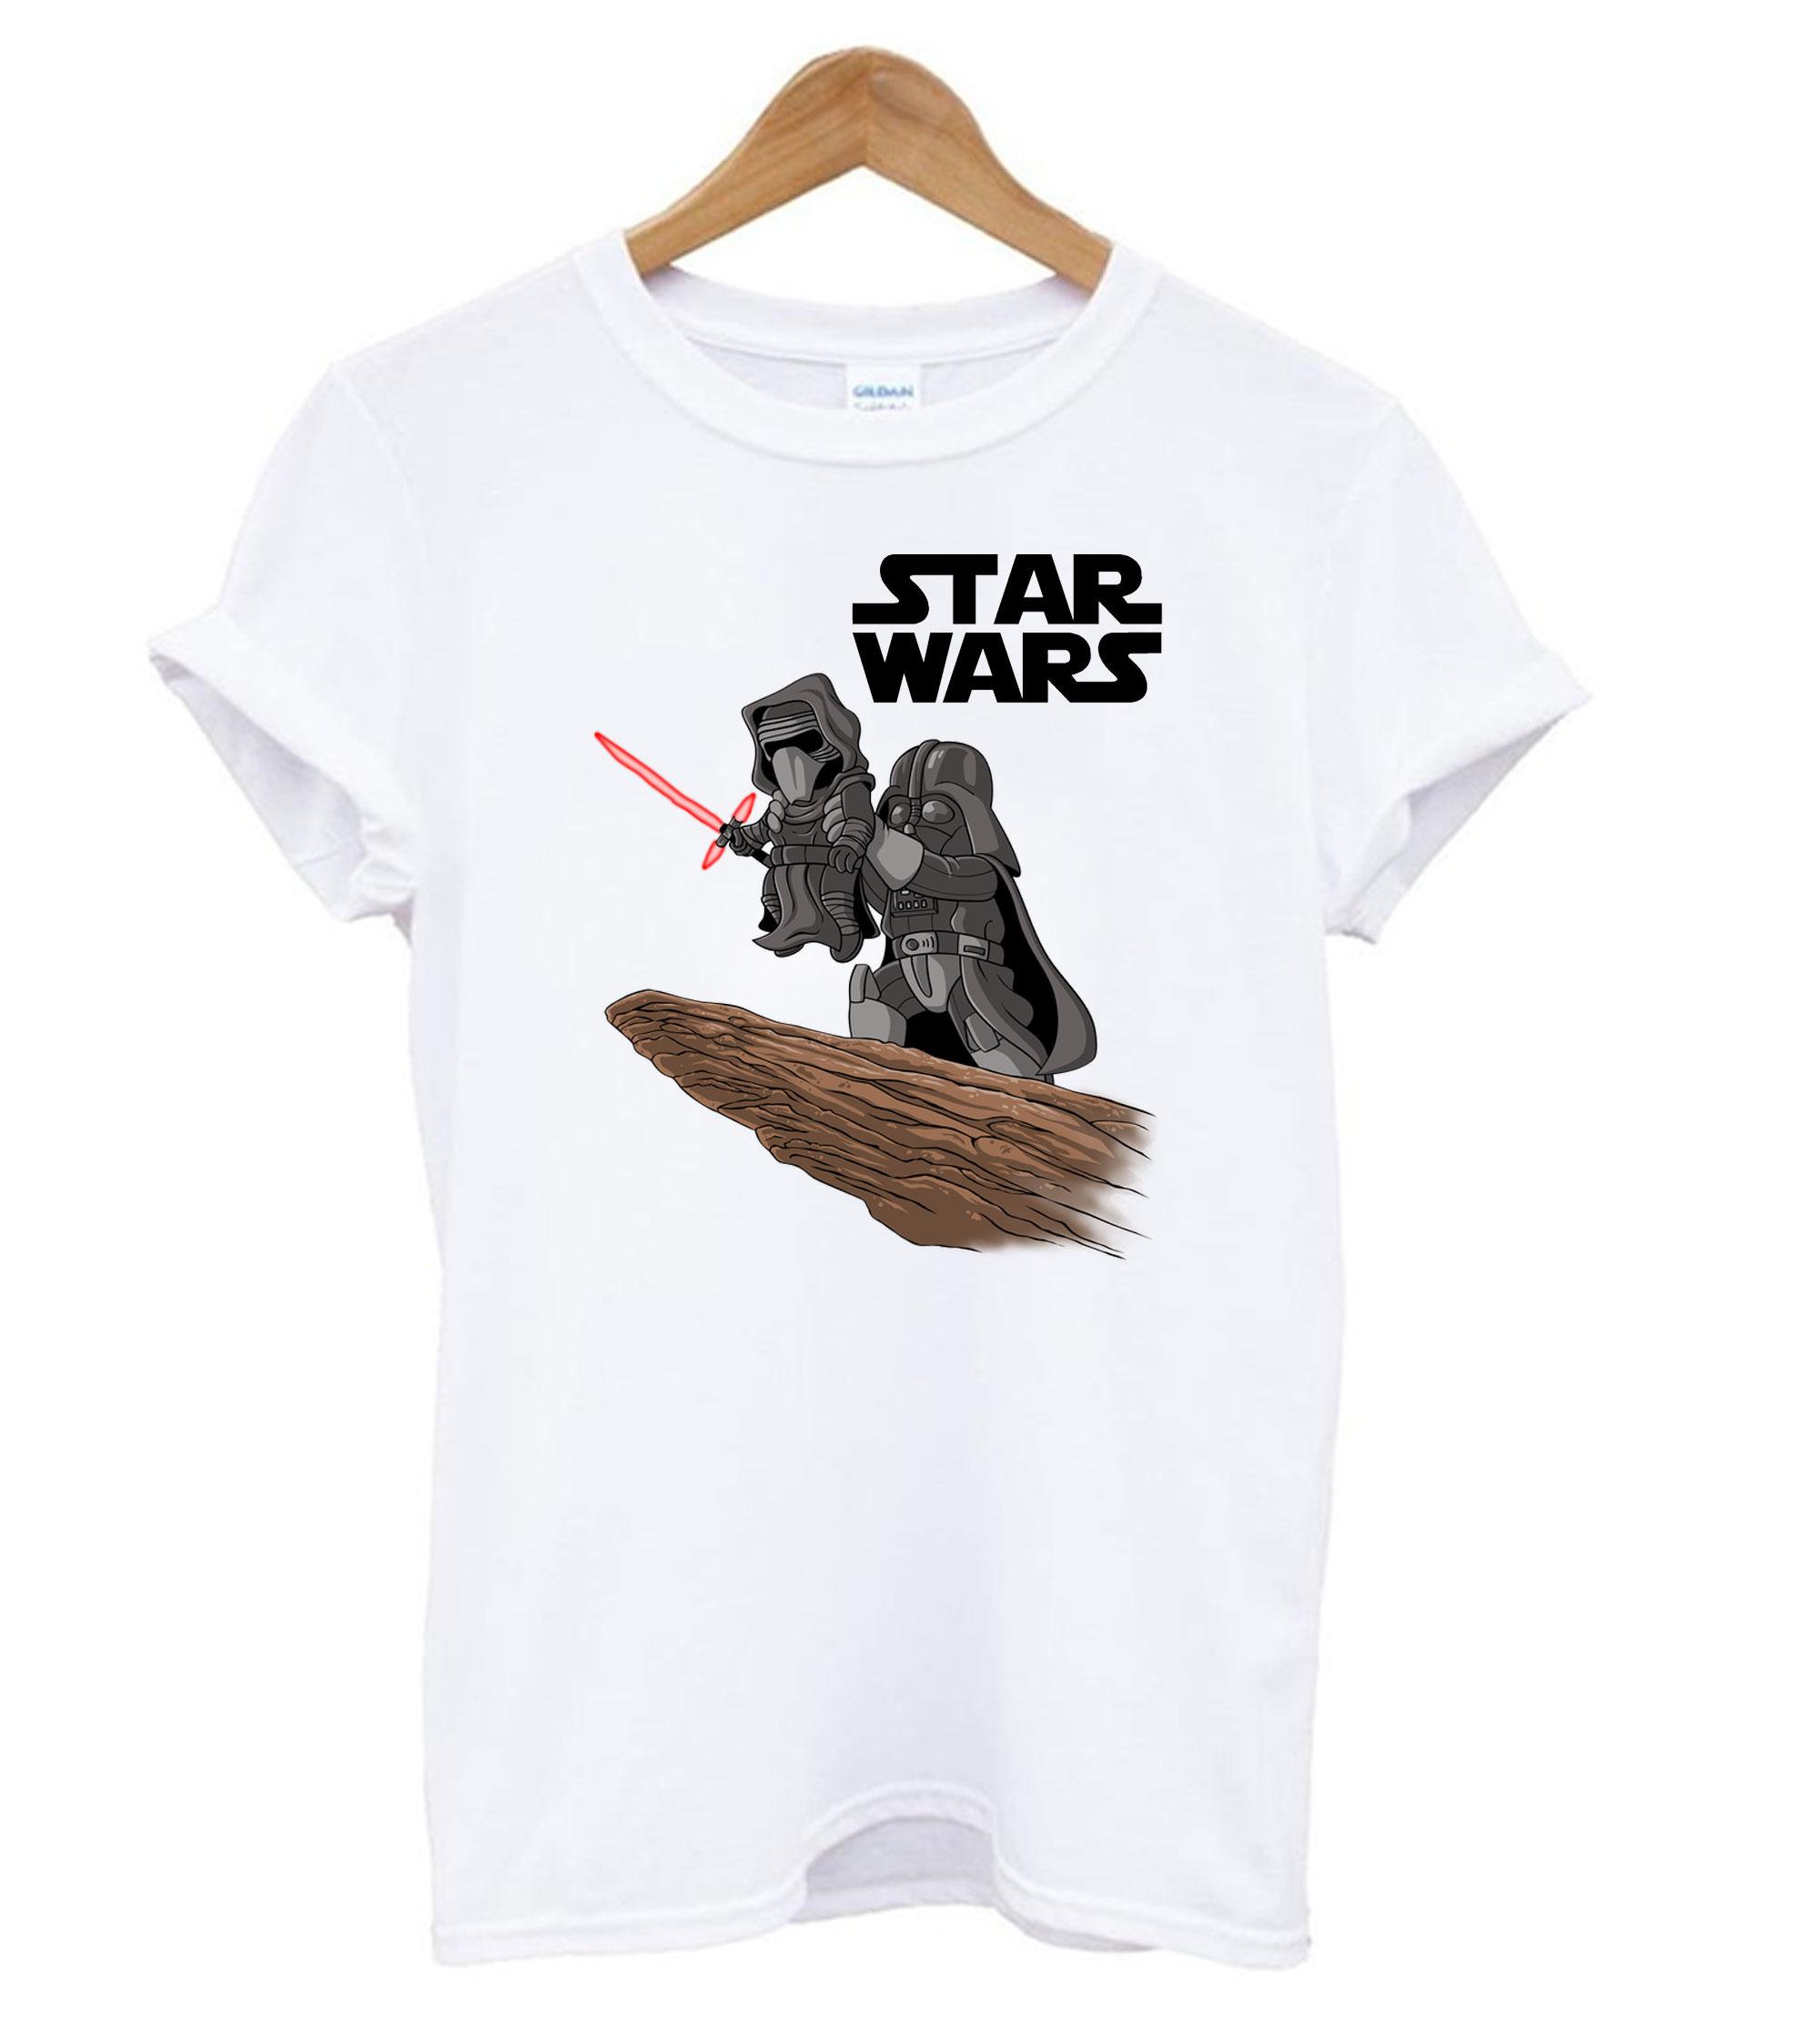 Baby-Darth-Vader-Star-Wars-King-T-shirt